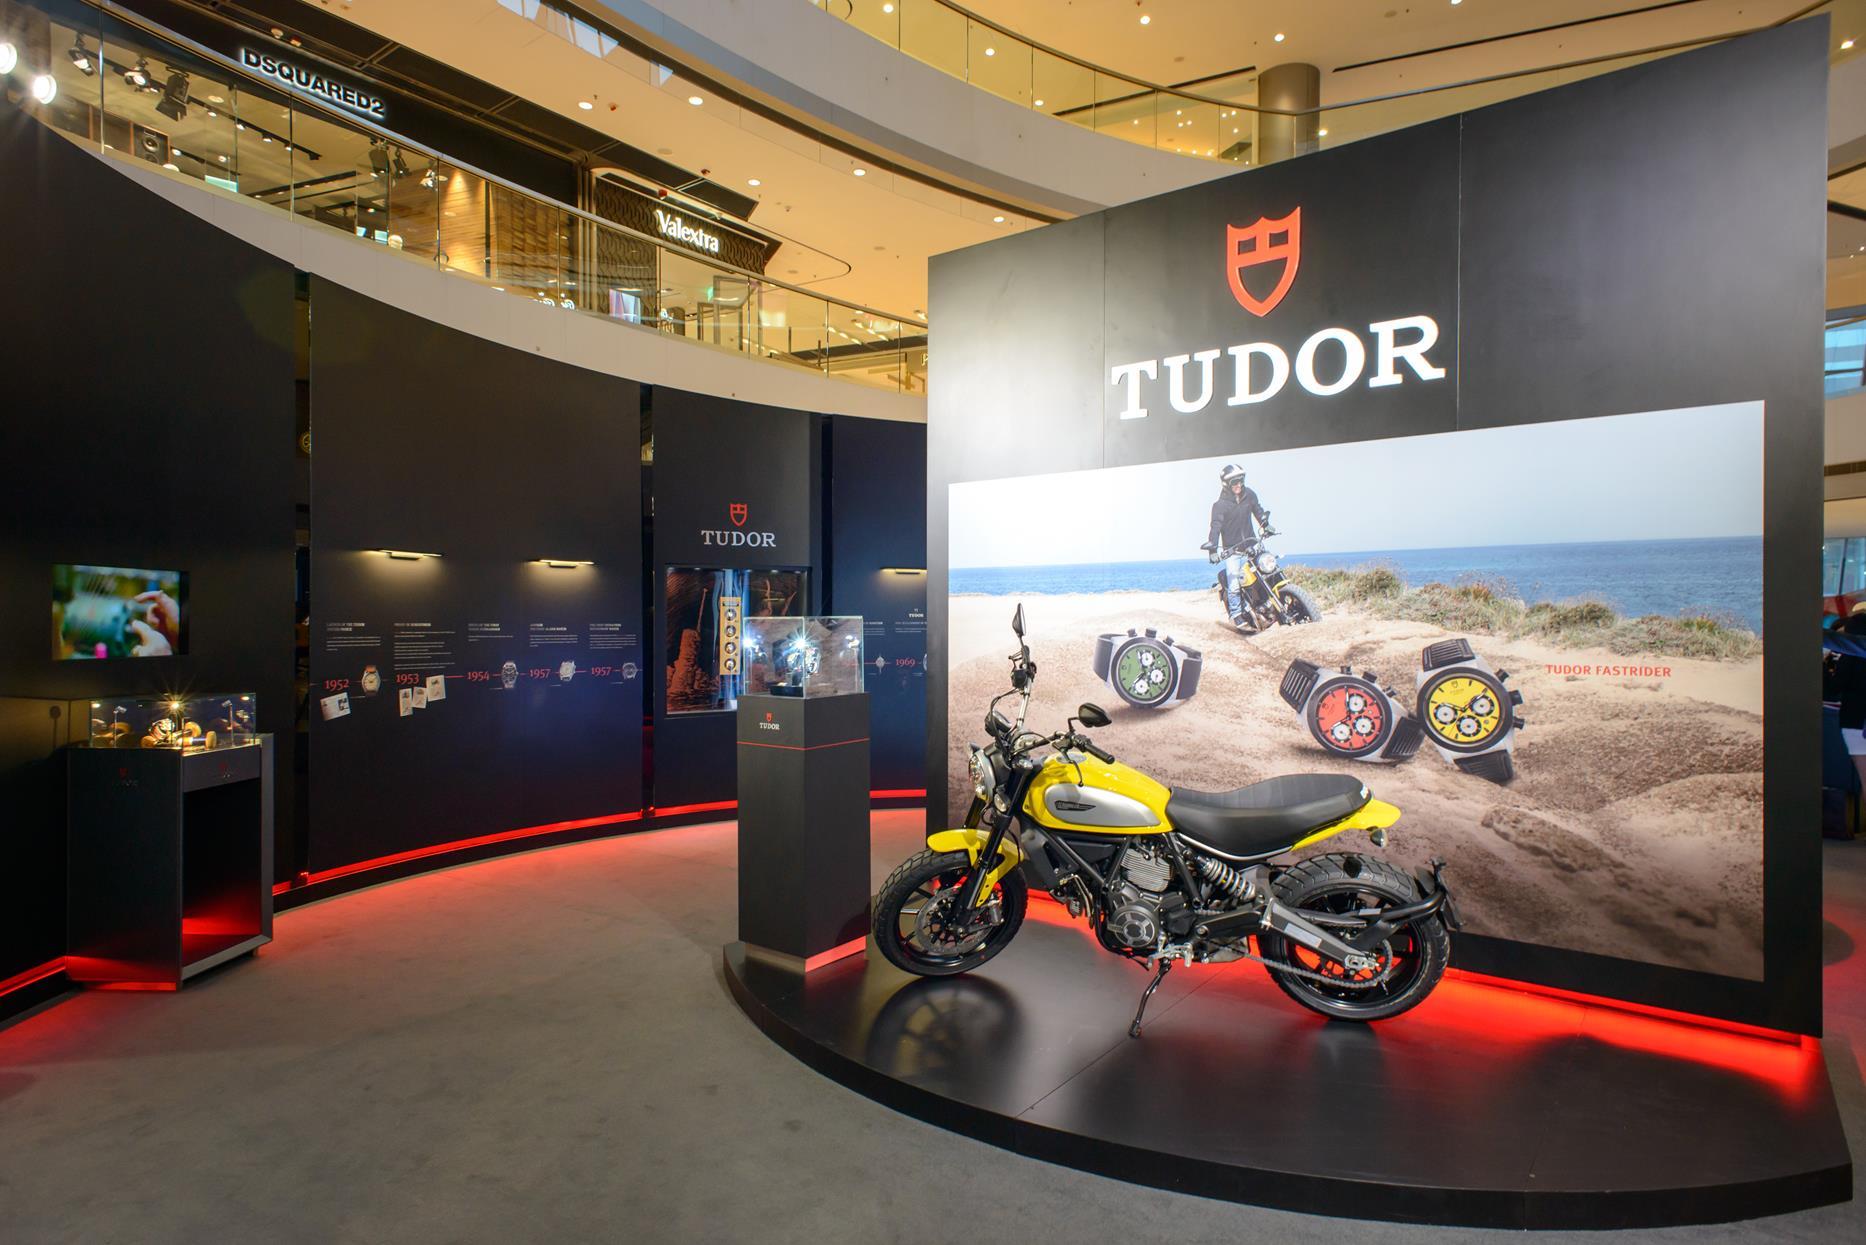 TUDOR Ducati (Copy)